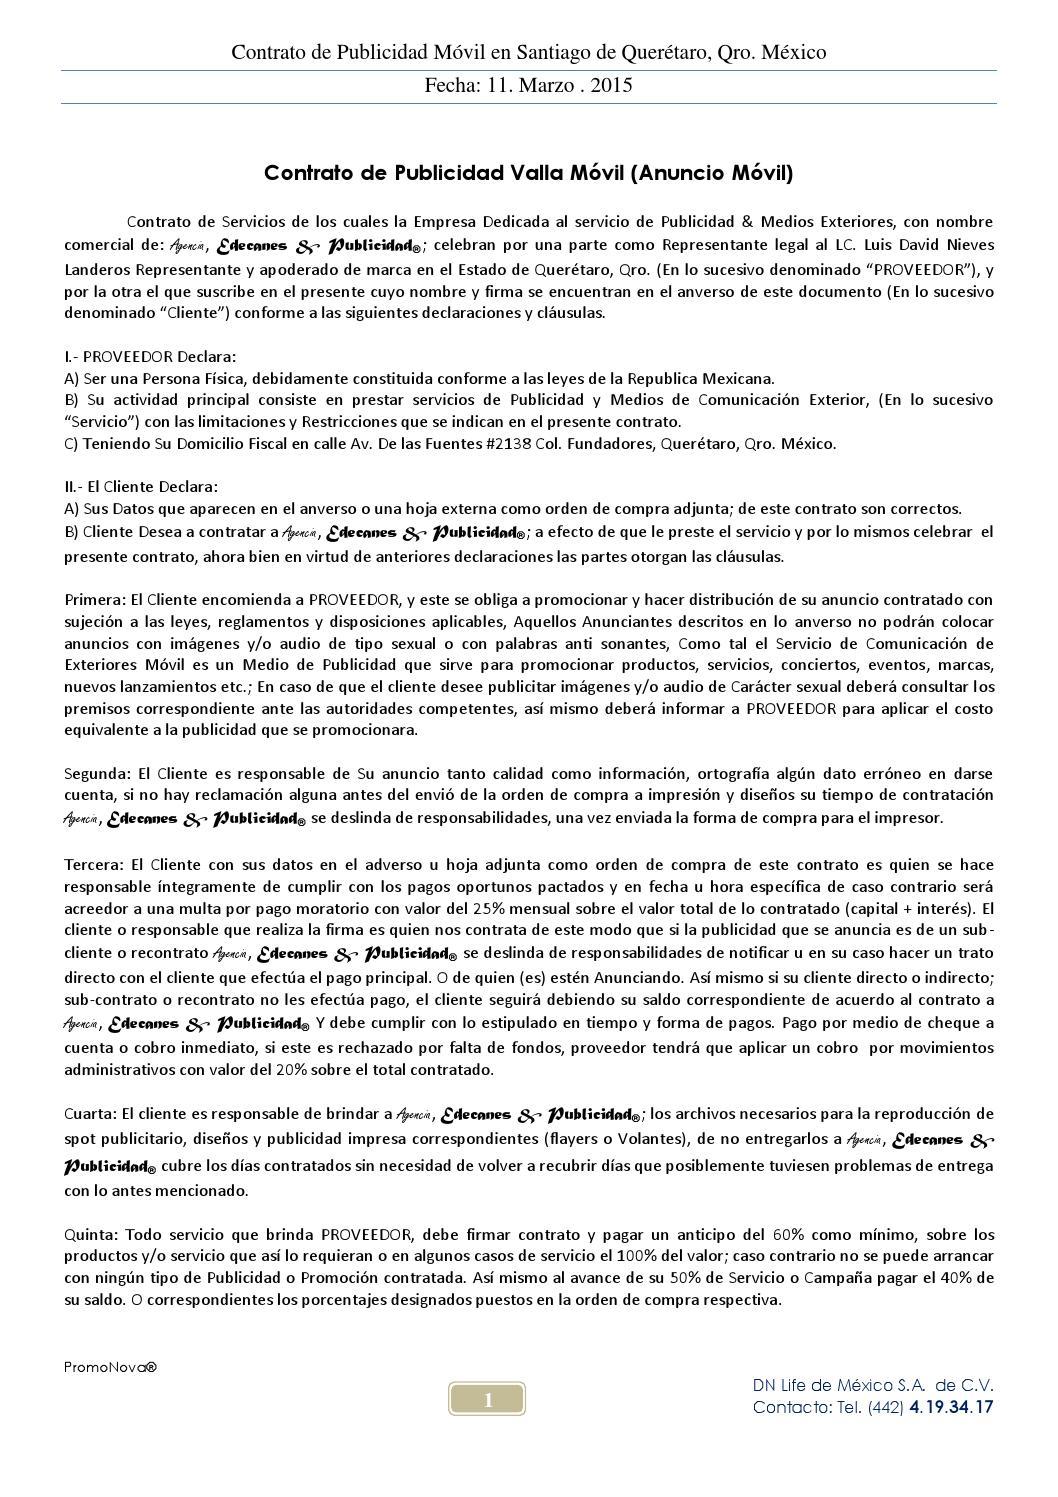 contrato de publicidad m u00f3vil by dn life de mexico sa de cv